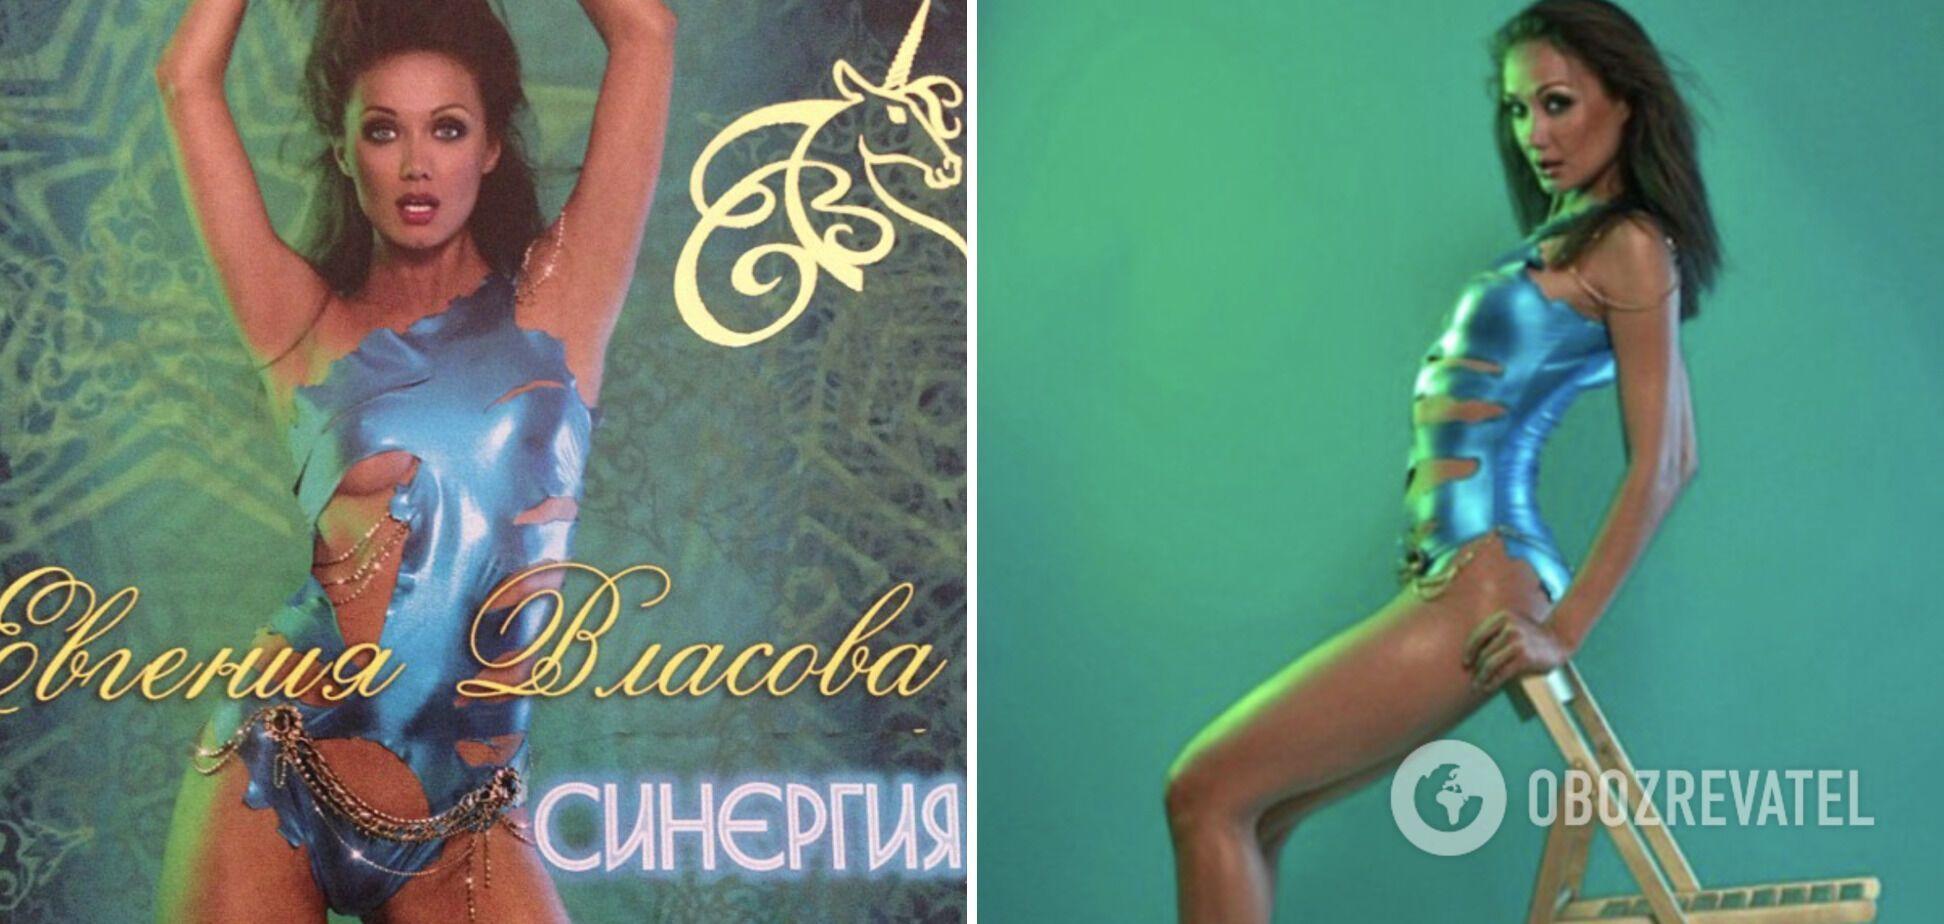 Євгенія перемагала на багатьох музичних преміях.